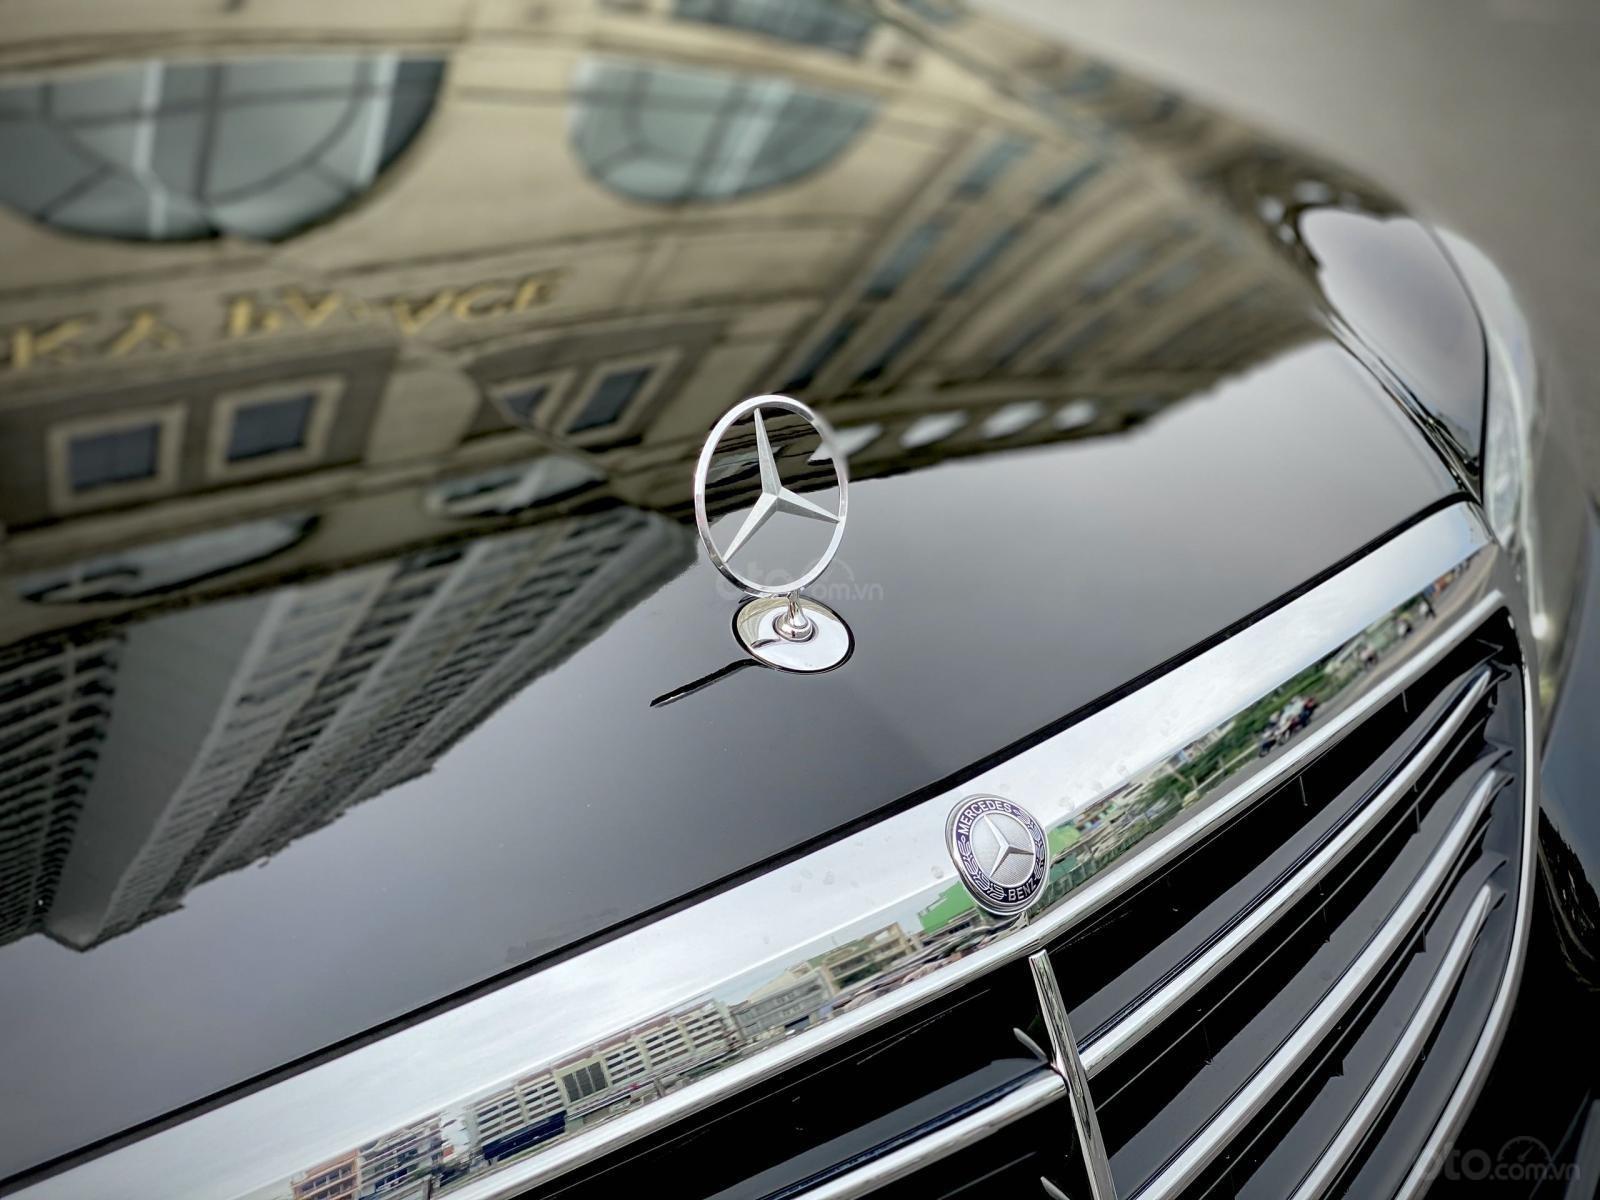 Cần bán lại xe Mercedes-Benz E class đăng ký lần đầu 2014, màu đen còn mới. Giá tốt 1 tỷ 180 triệu đồng (4)